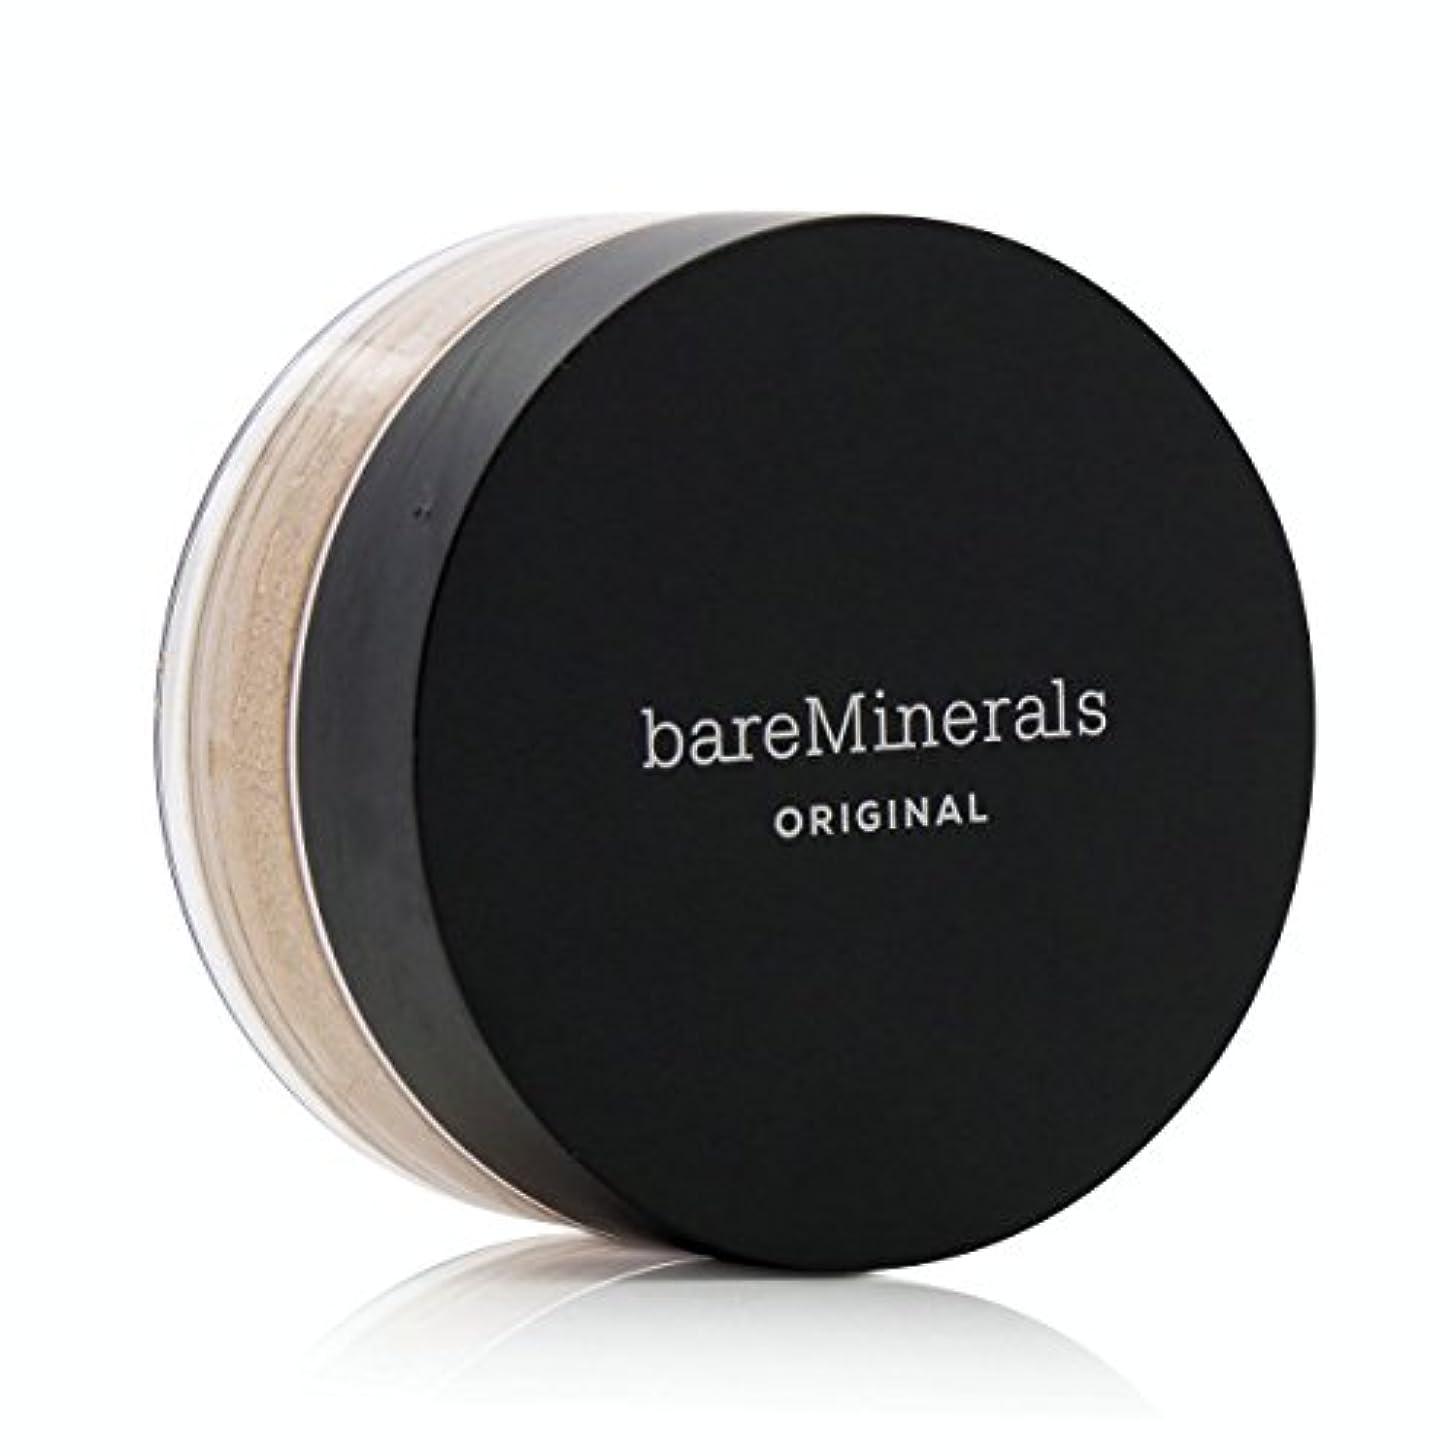 味方おっと手伝う[BareMinerals(ベアミネラル)] ベアミネラルオリジナルSPF 15ファンデーション - #フェアアイボリー 8g/0.28oz